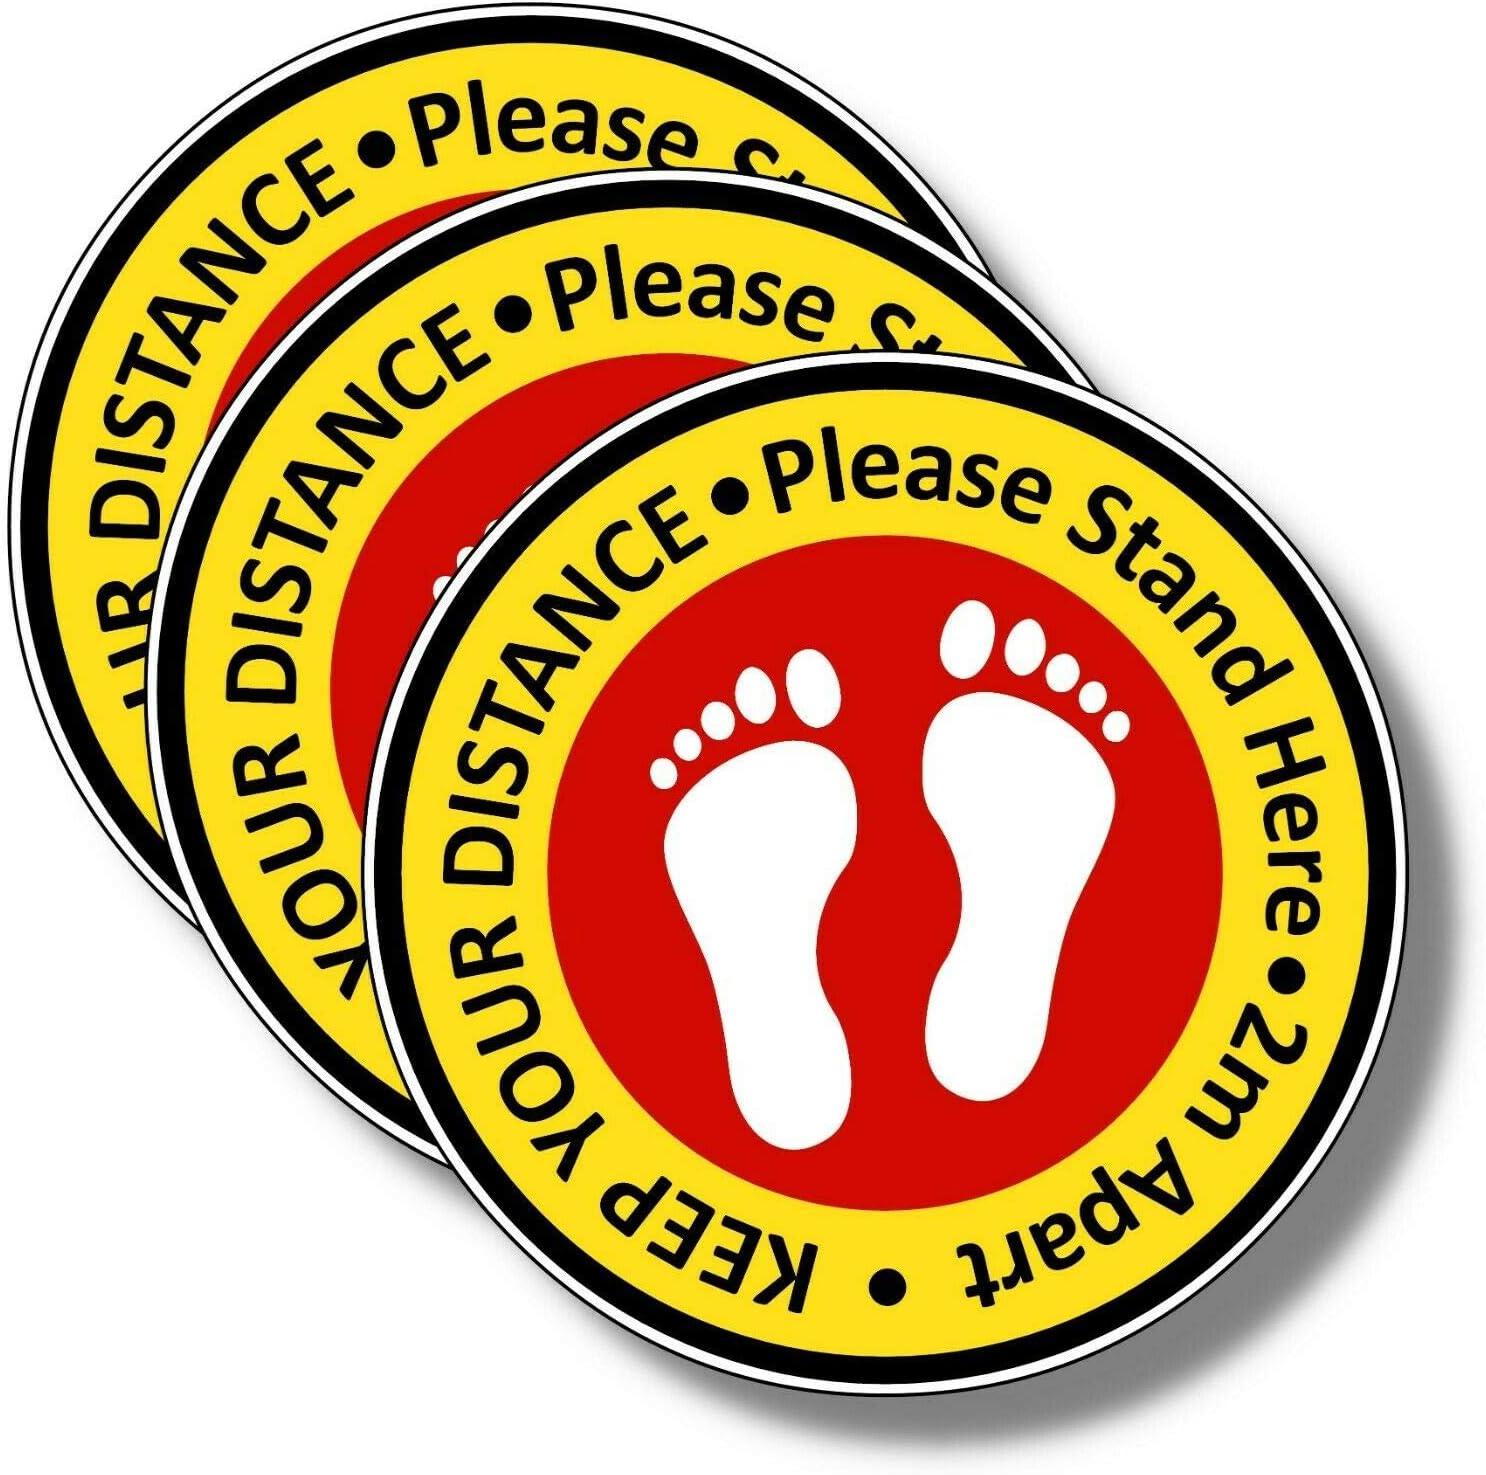 Stickers 8 200mm MULTIBUY shop floor stickers Social Distancing Floor Decals 5